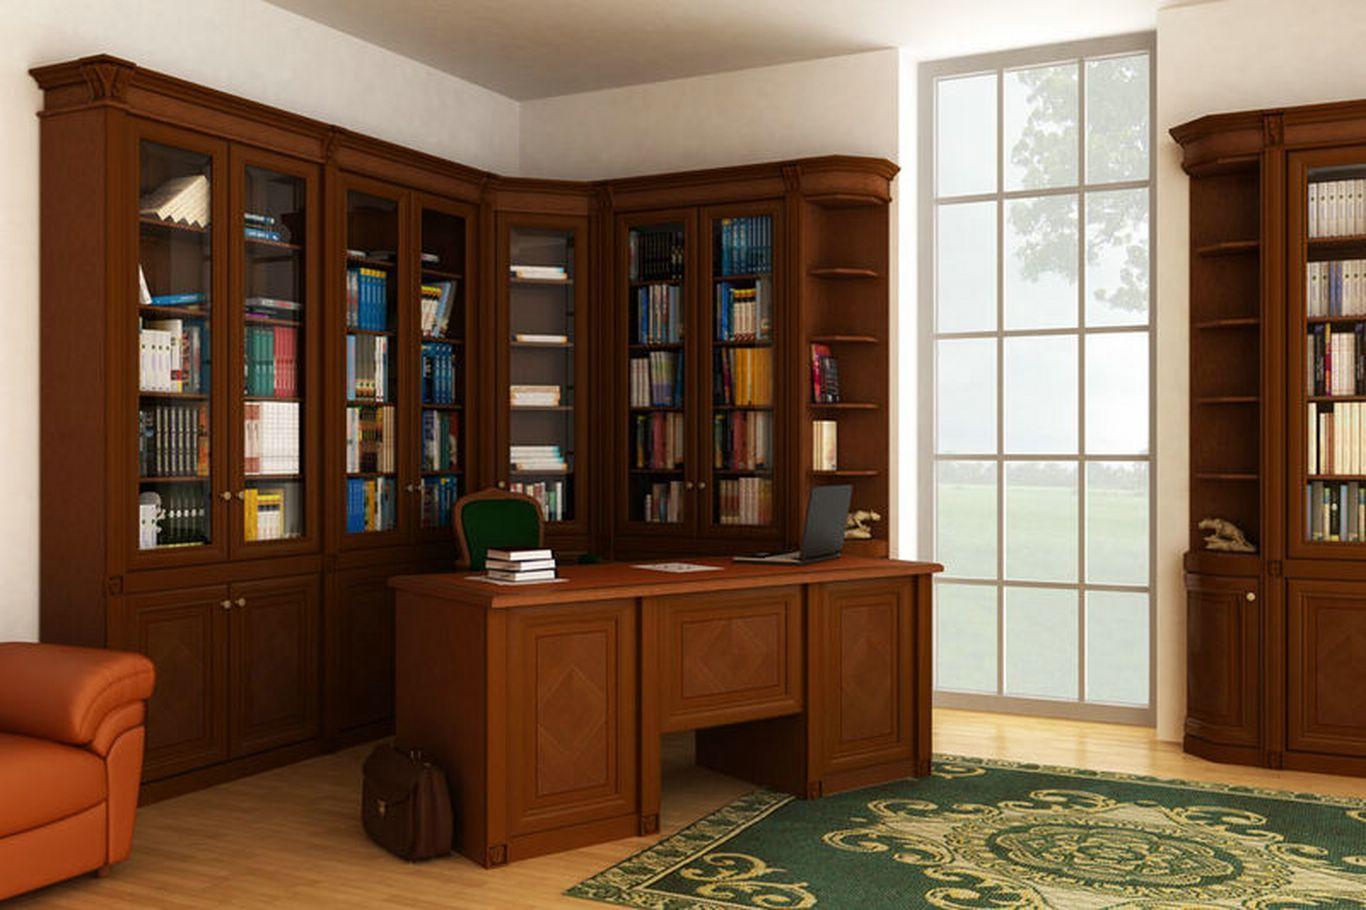 Фото: библиотеки, кабинеты, шкафы длЯ книг, встроенные шкафы.